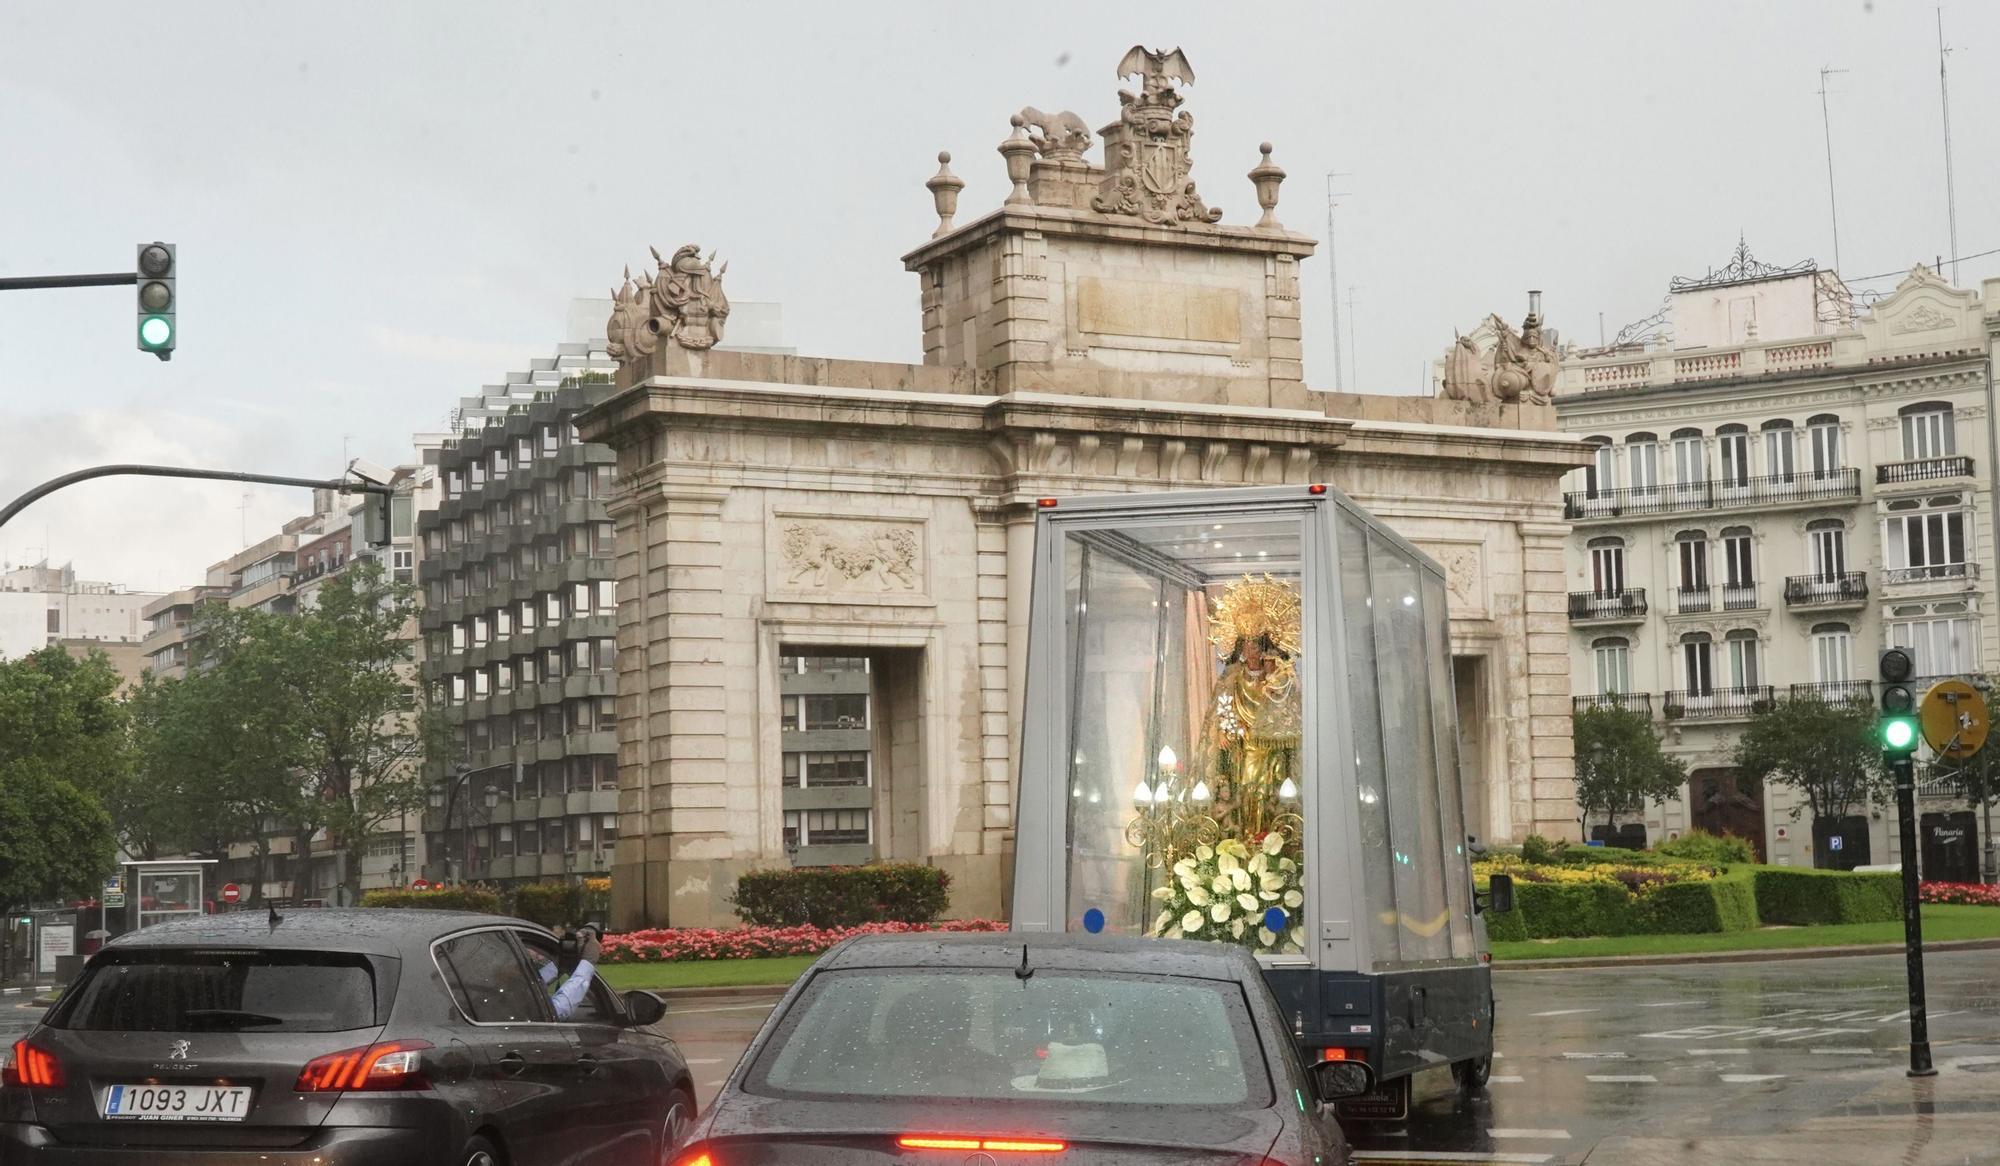 Así fue el pase de la Virgen de los Desamparados por València con el Maremóvil